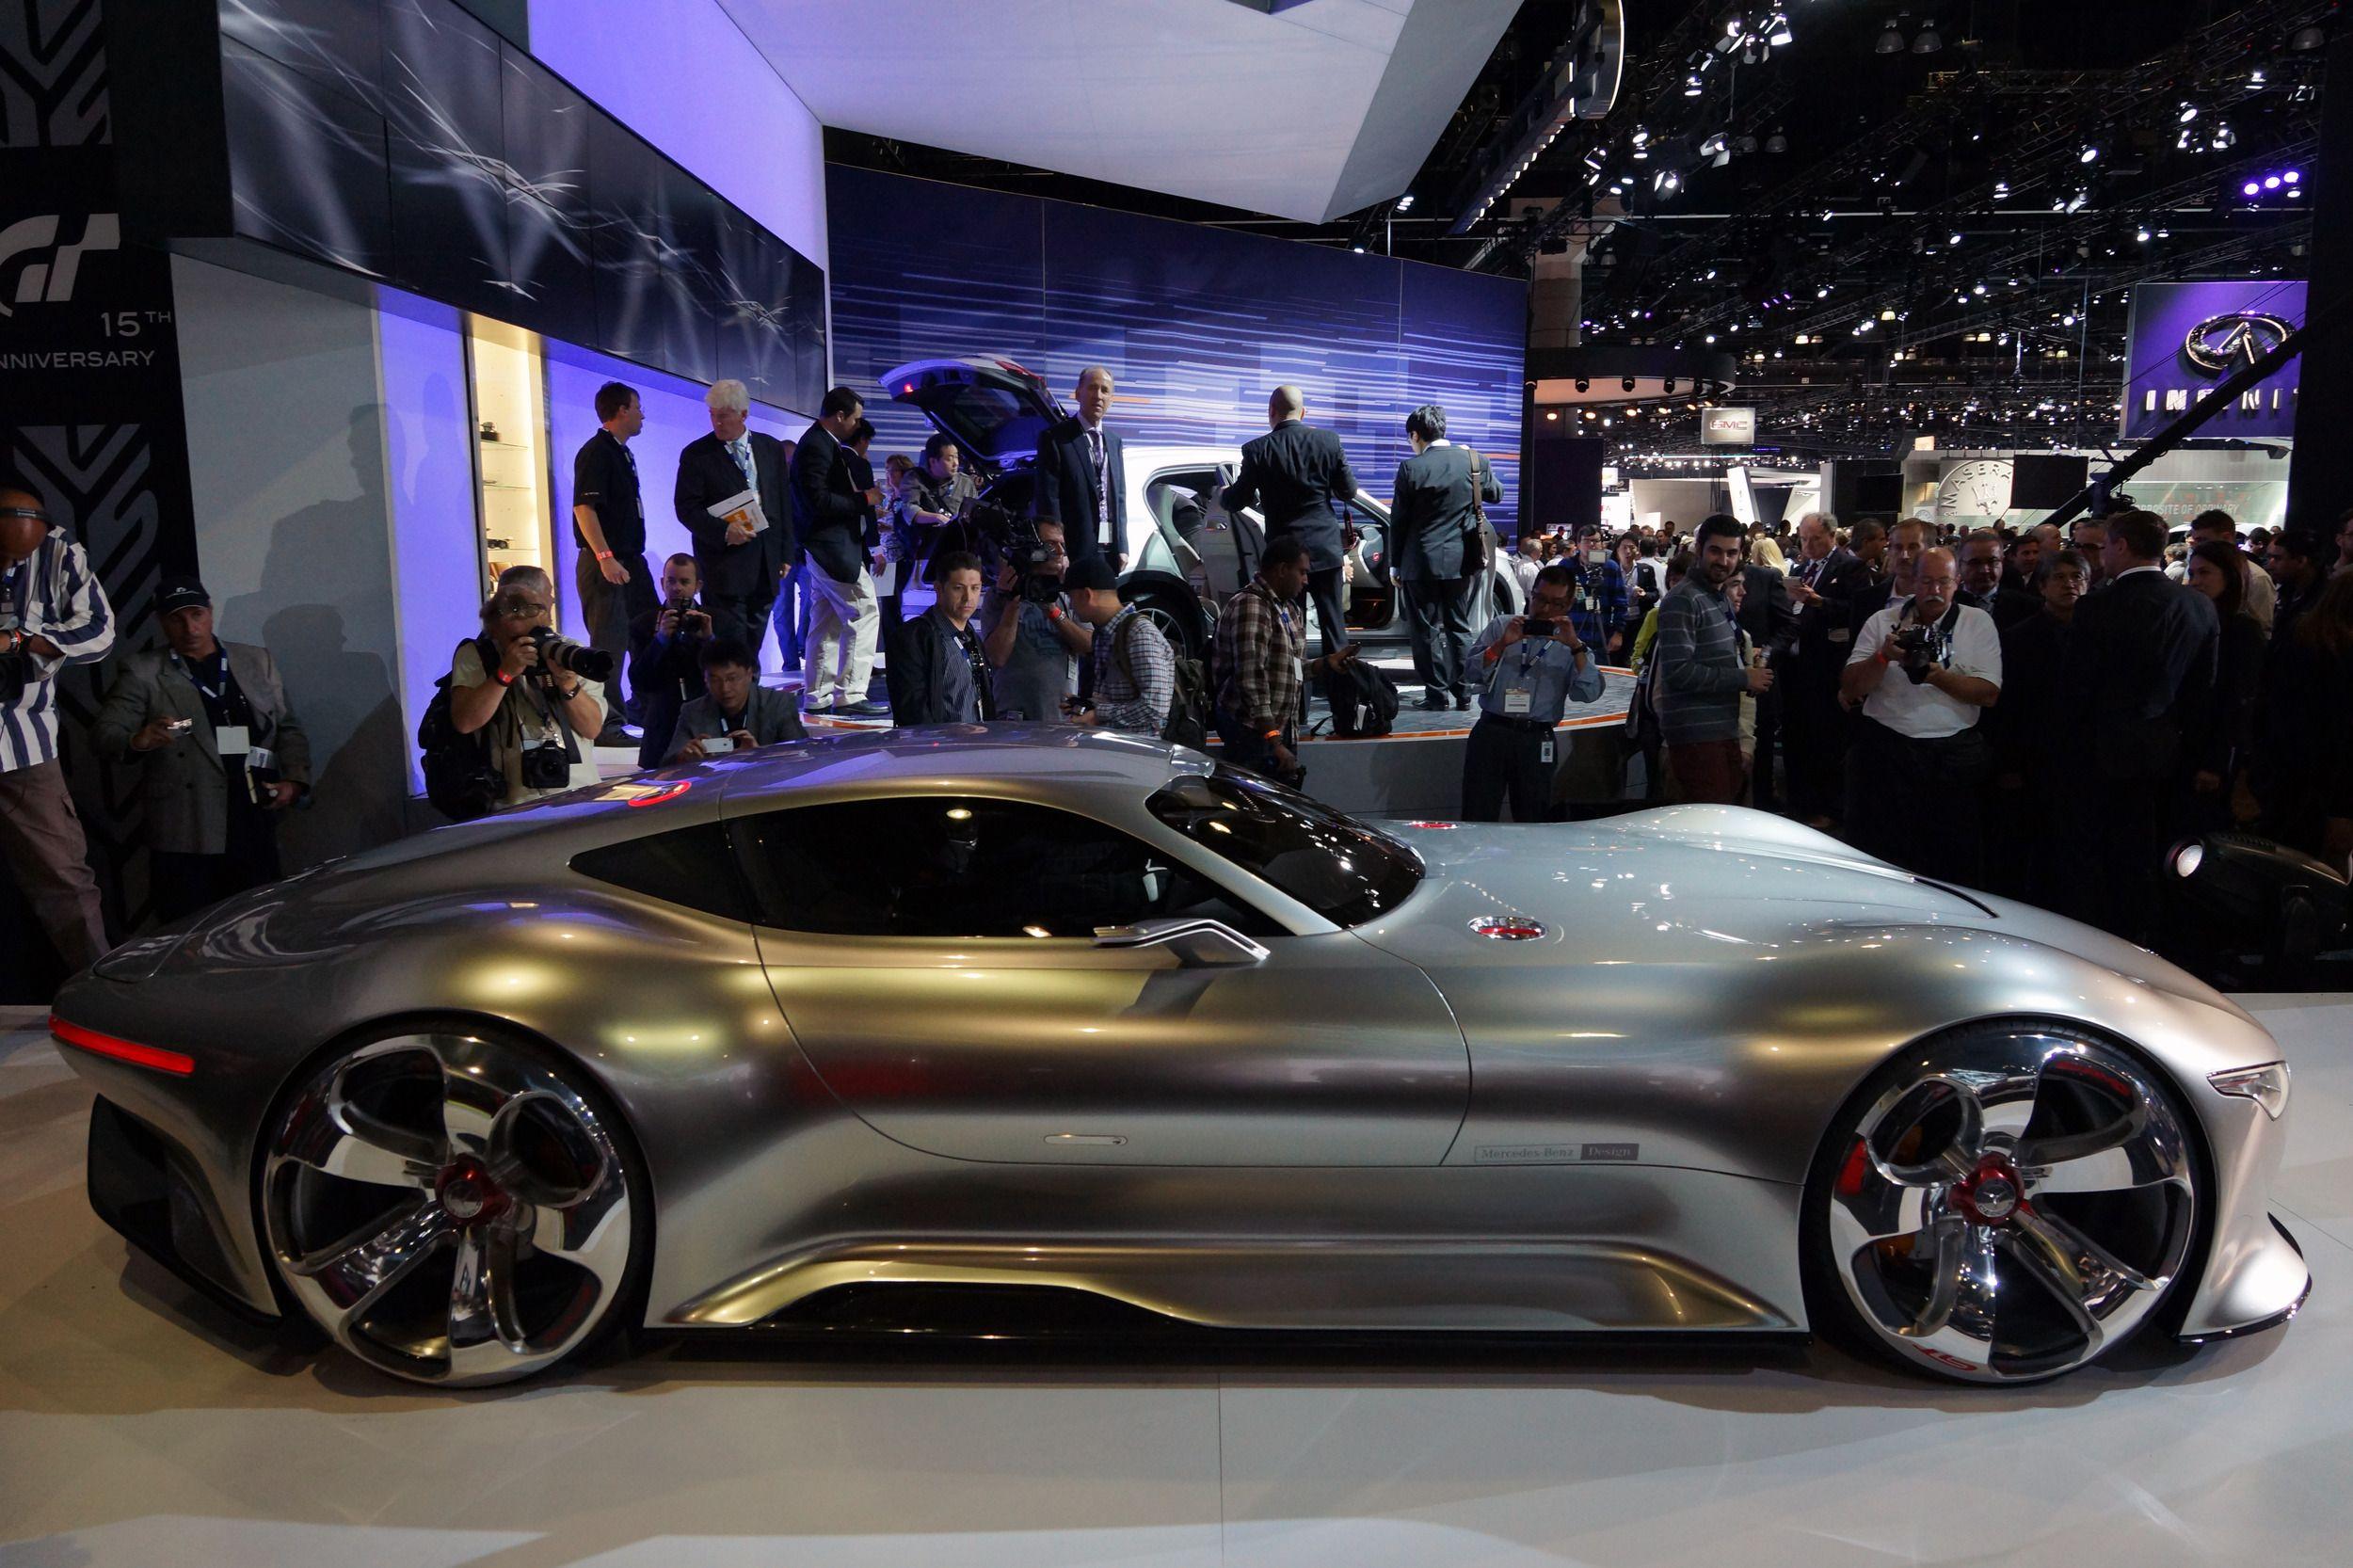 Exceptionnel Mercedes Benz AMG Vision Gran Turismo: 2013 LA Auto Show Photo Gallery    Autoblog